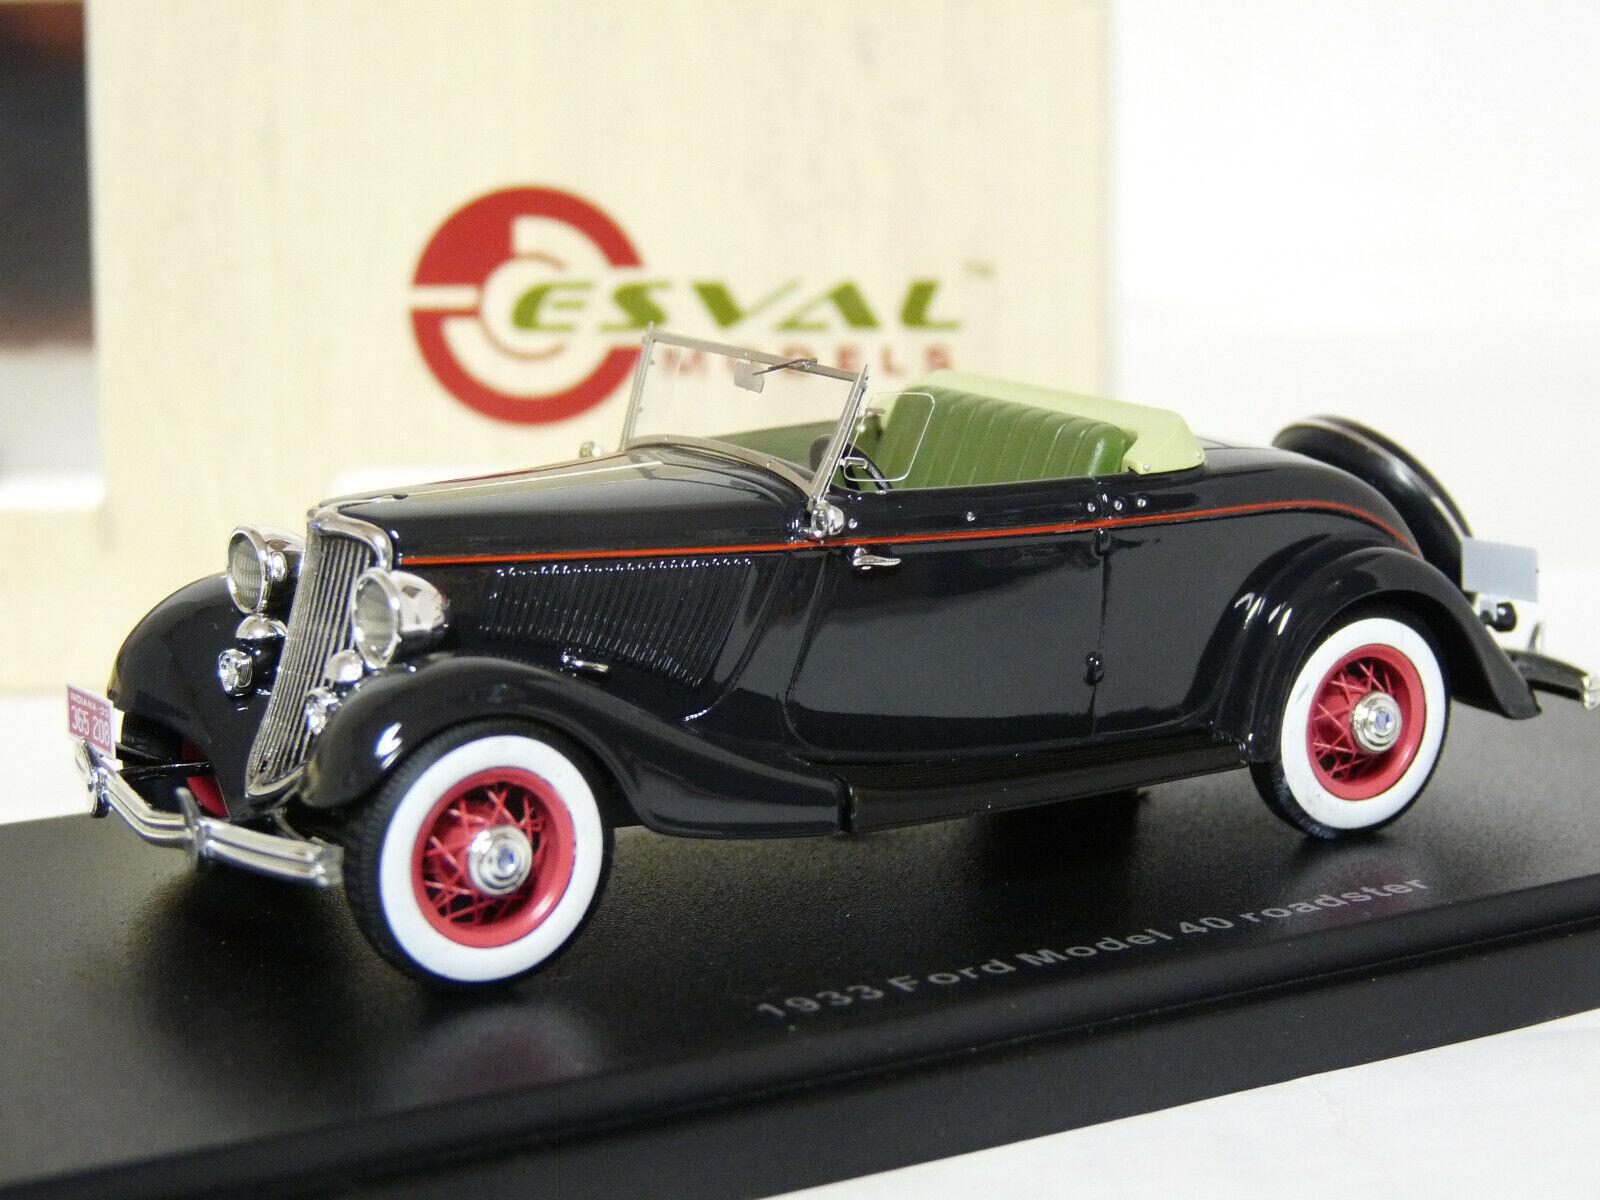 Esval EMUS43074A 1  43 1933 Ford Förlaga 40 Roadster hkonsts modellllerlerl Bil